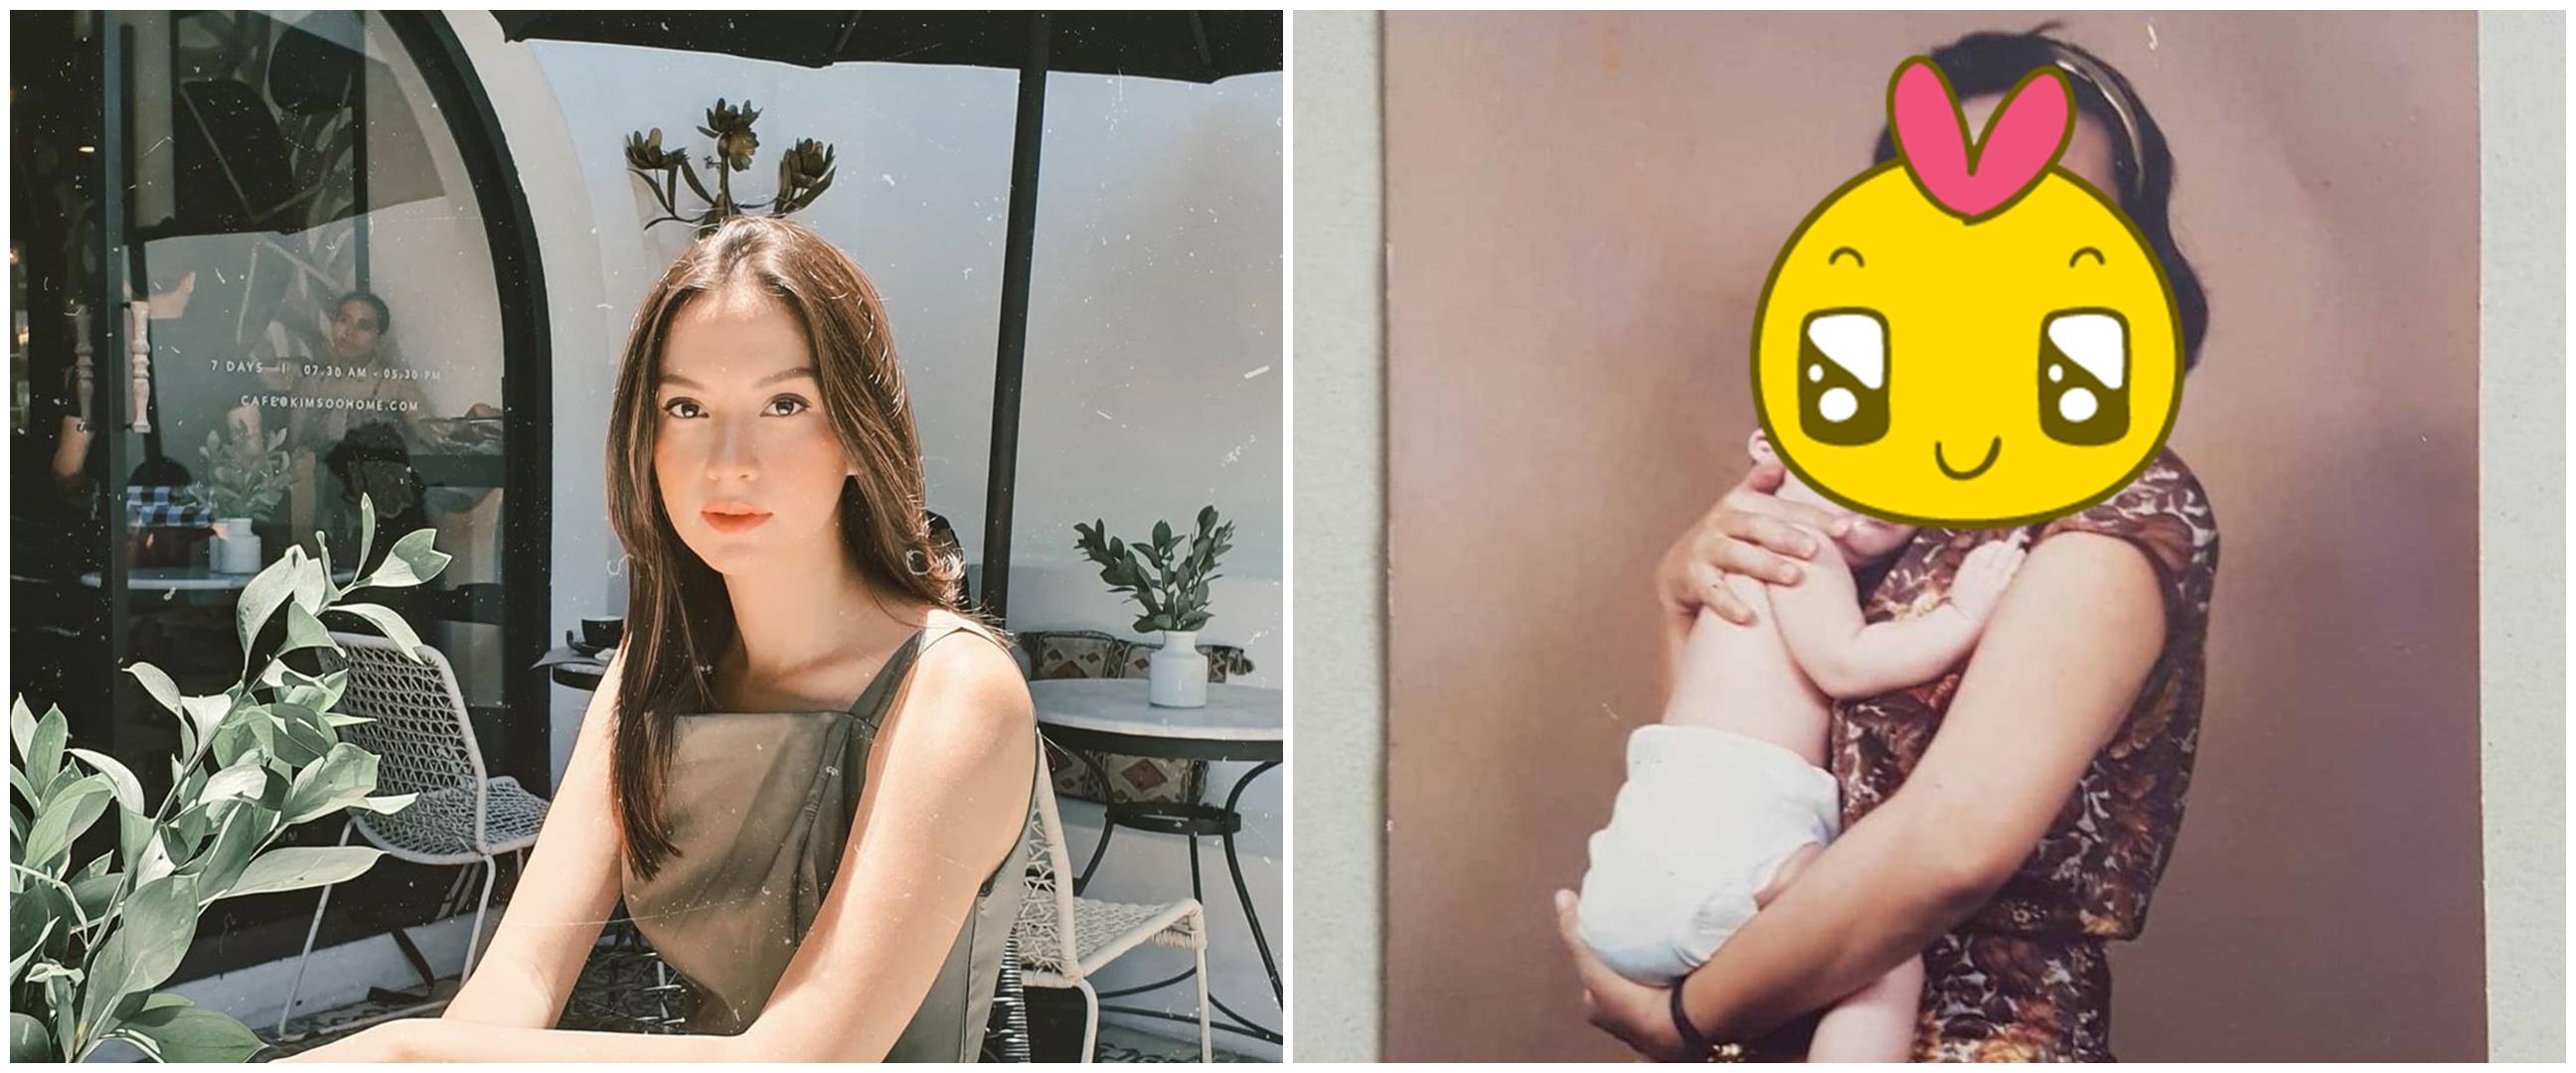 Ulang tahun ke-28, ini 10 potret transformasi Karina Nadila